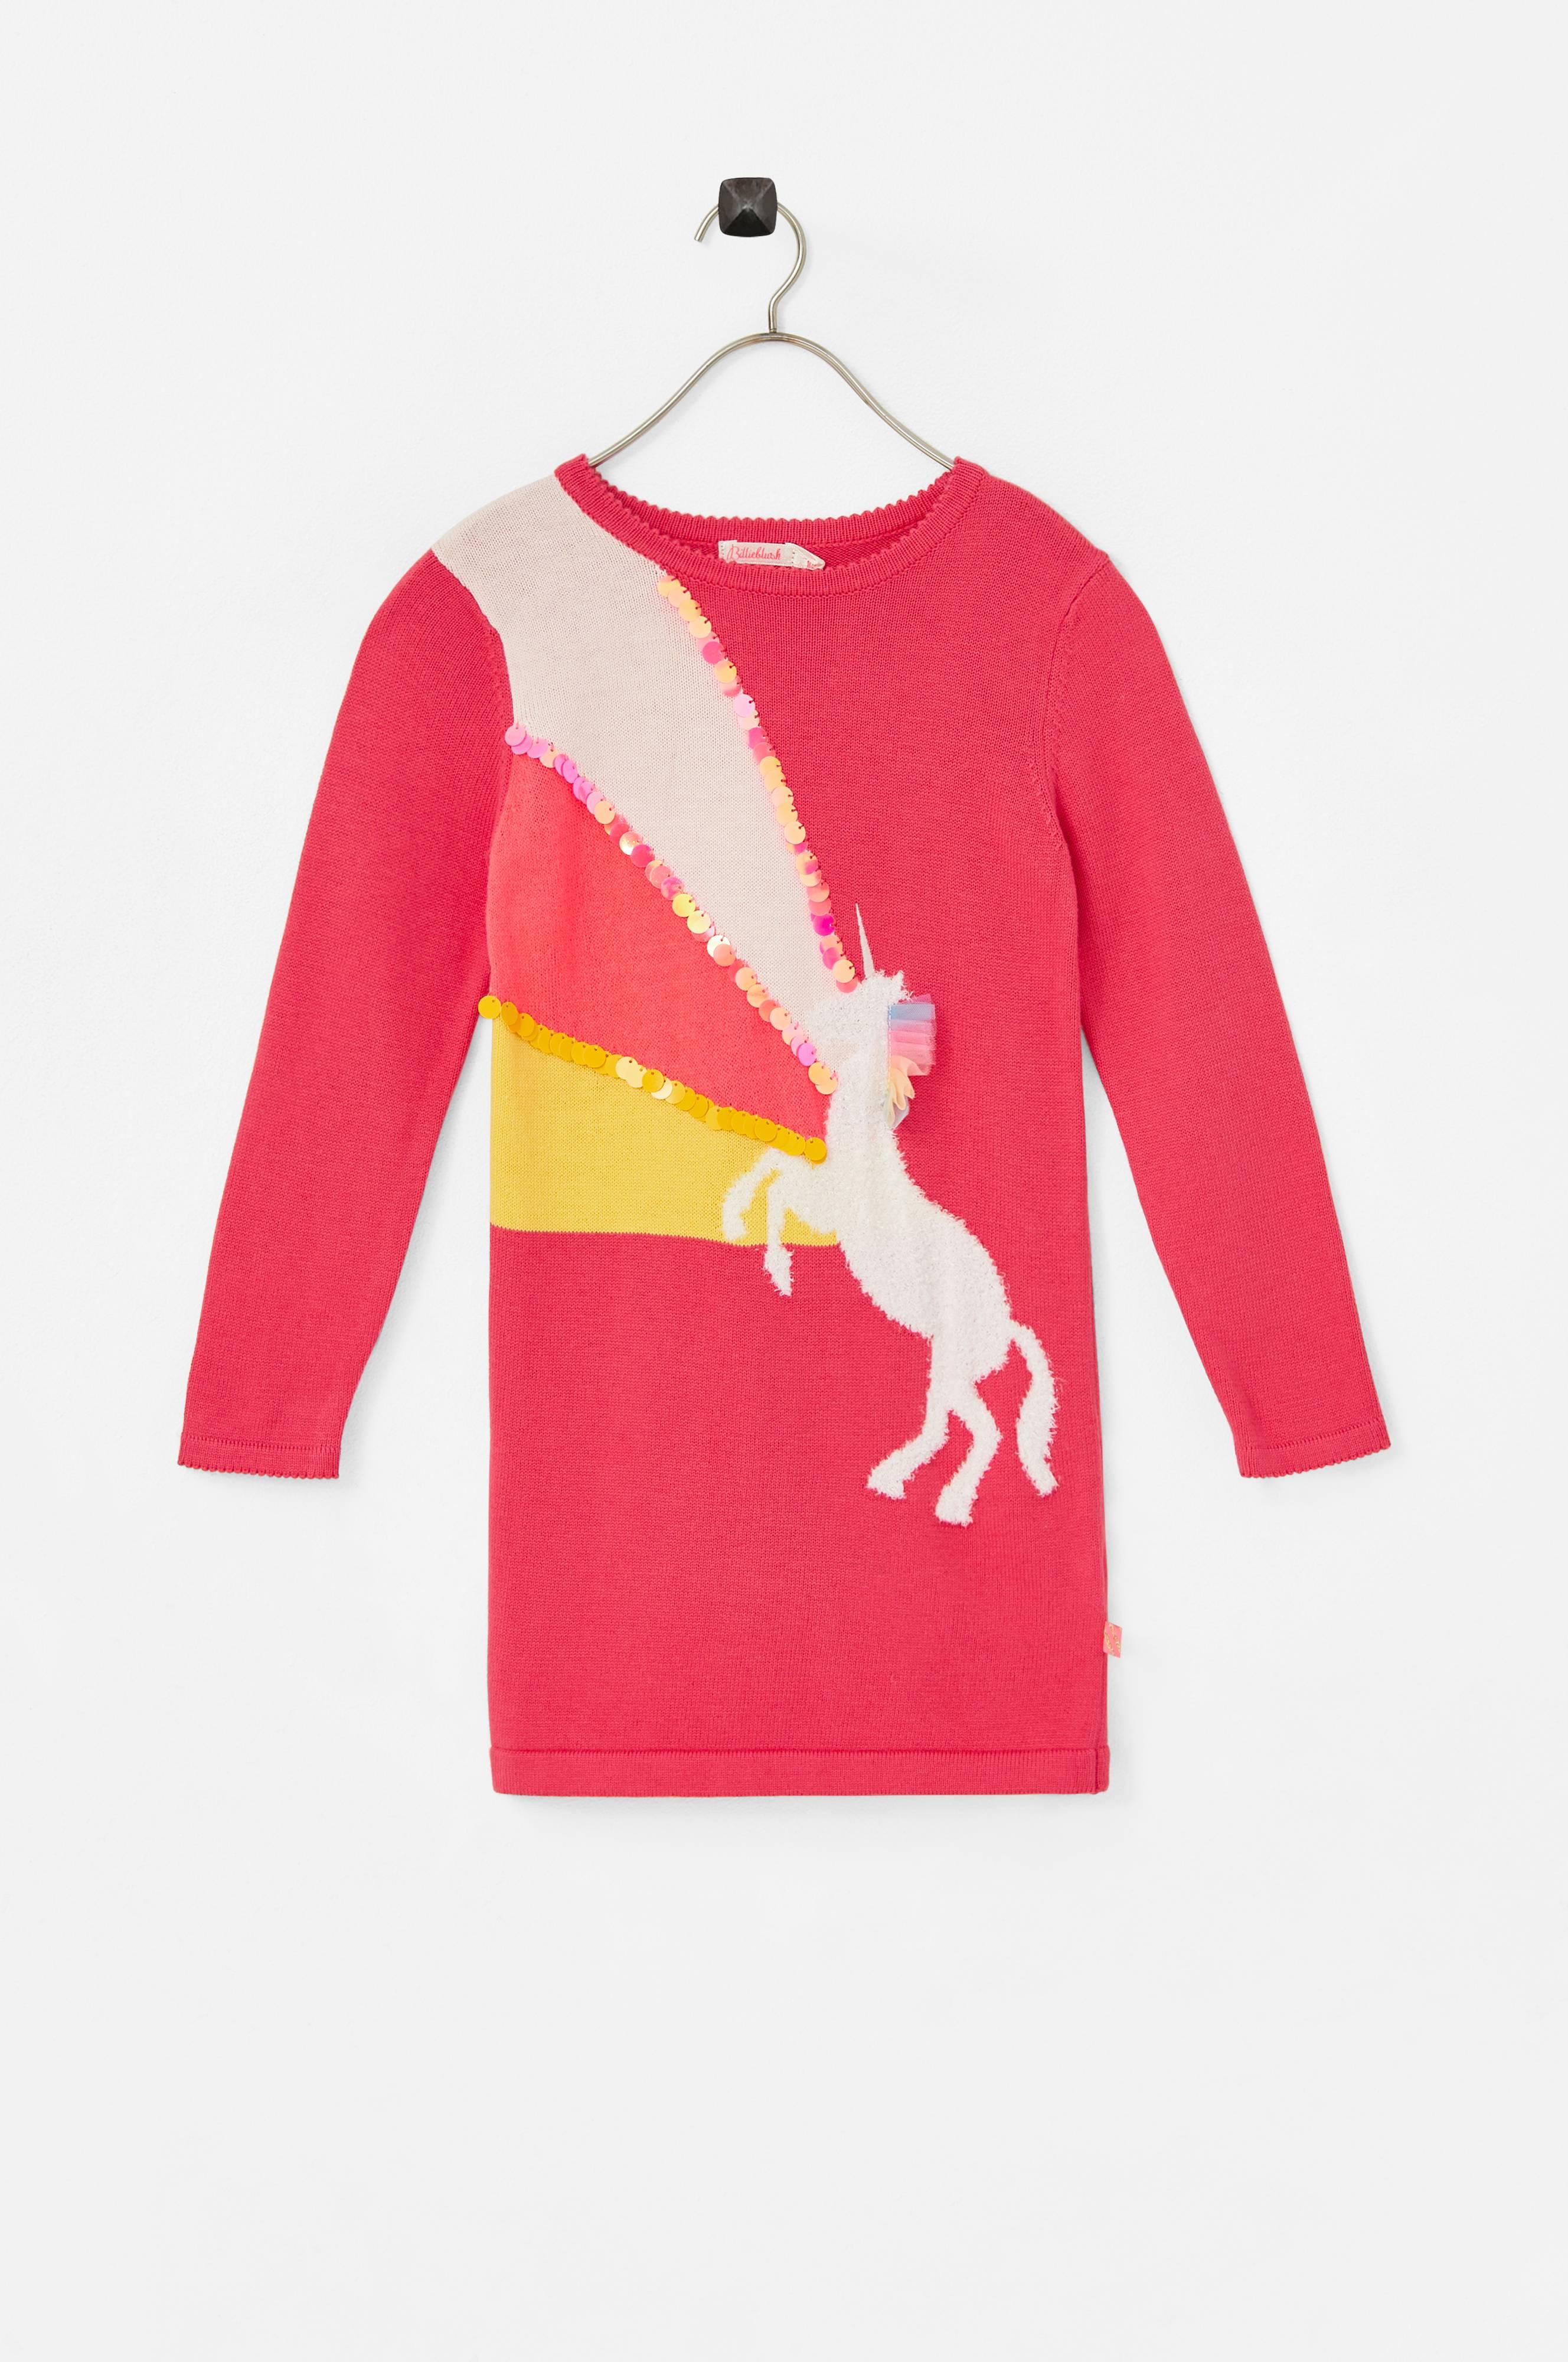 Kjole med enhjørning, A modell | Småtasser.no